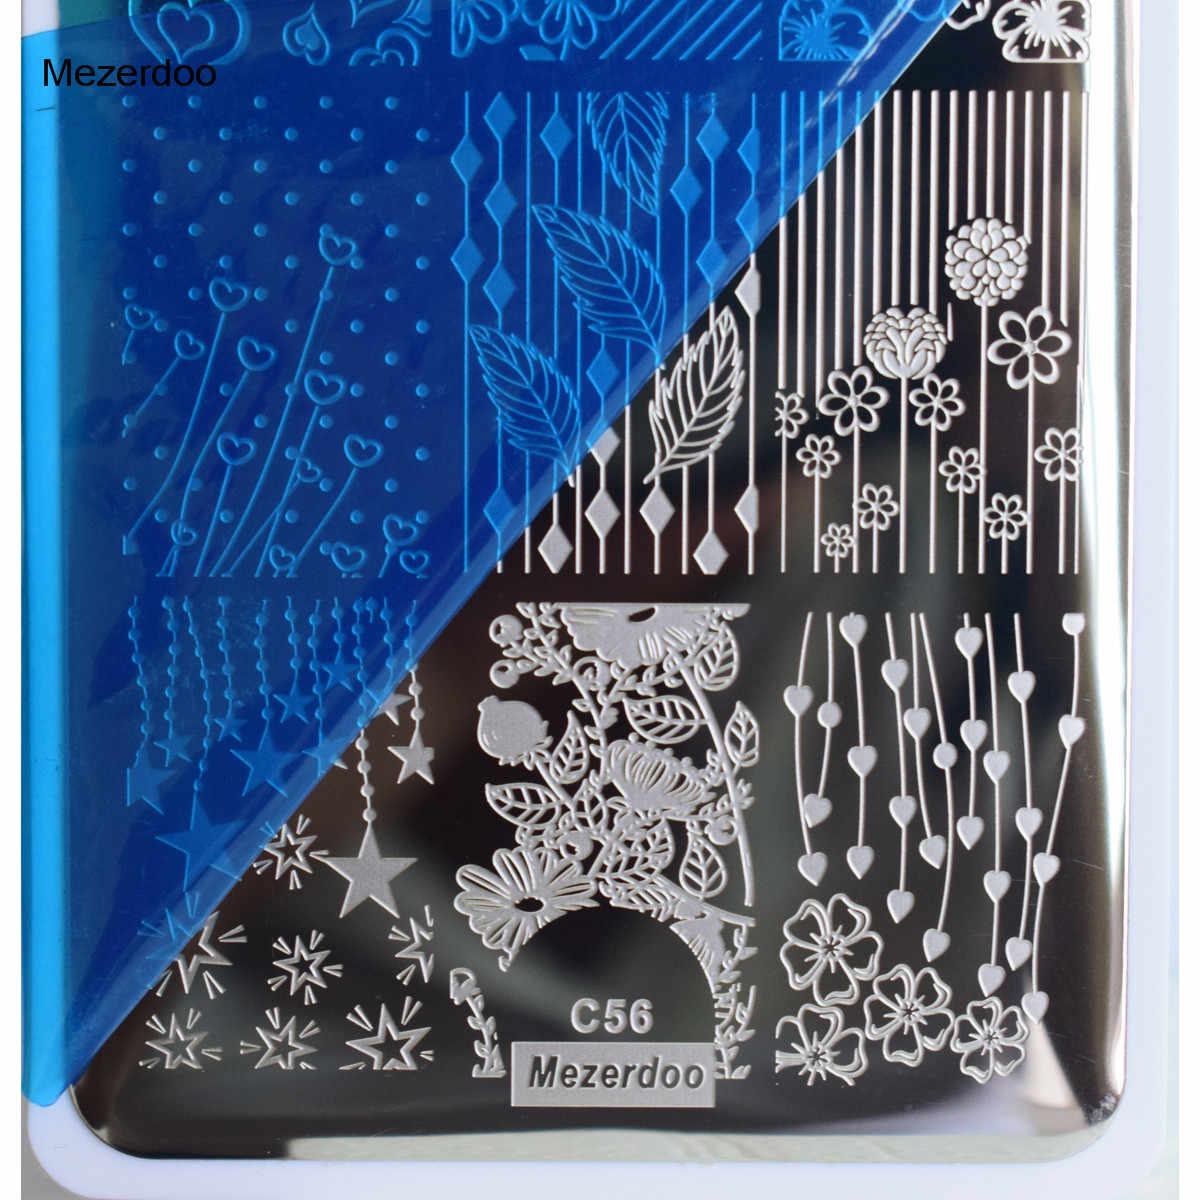 เล็บ Stamper ชุดวุ้นปั๊มชุดการออกแบบที่แตกต่างกันเล็บแสตมป์แผ่นภาพแม่แบบโลหะ 3D เล็บตกแต่งศิลปะ Stamper